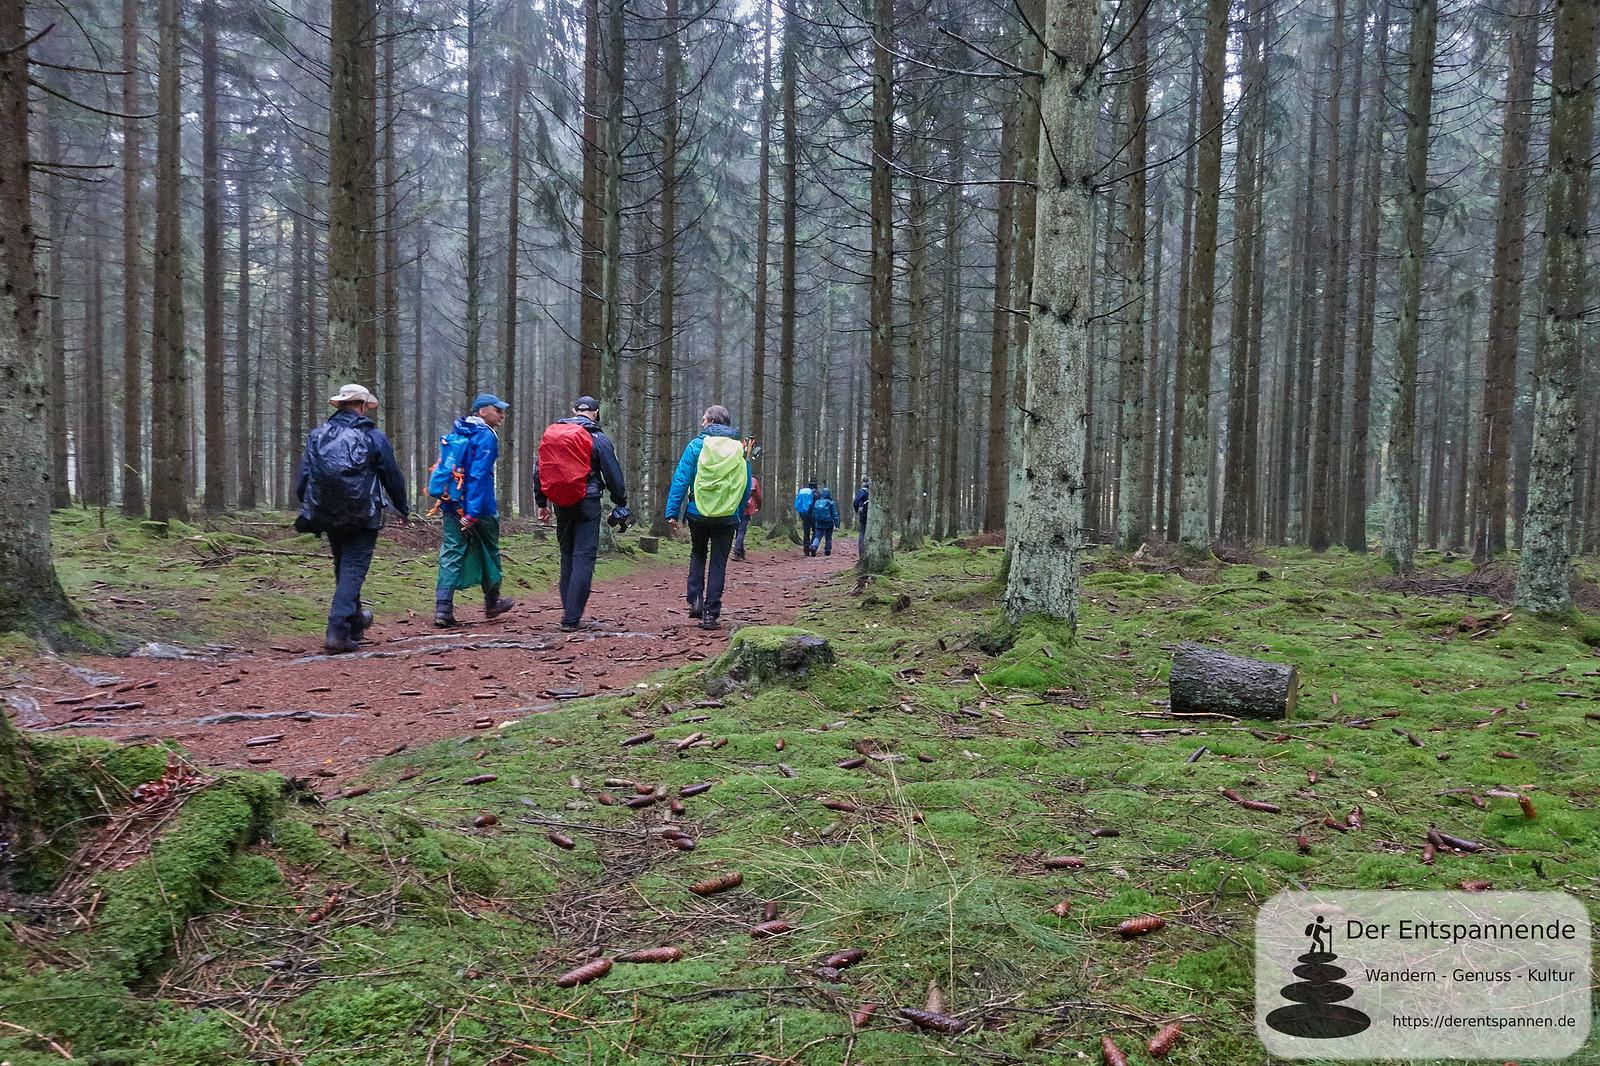 Moosboden auf dem Saar-Hunsrück-Steig, Etappe 12